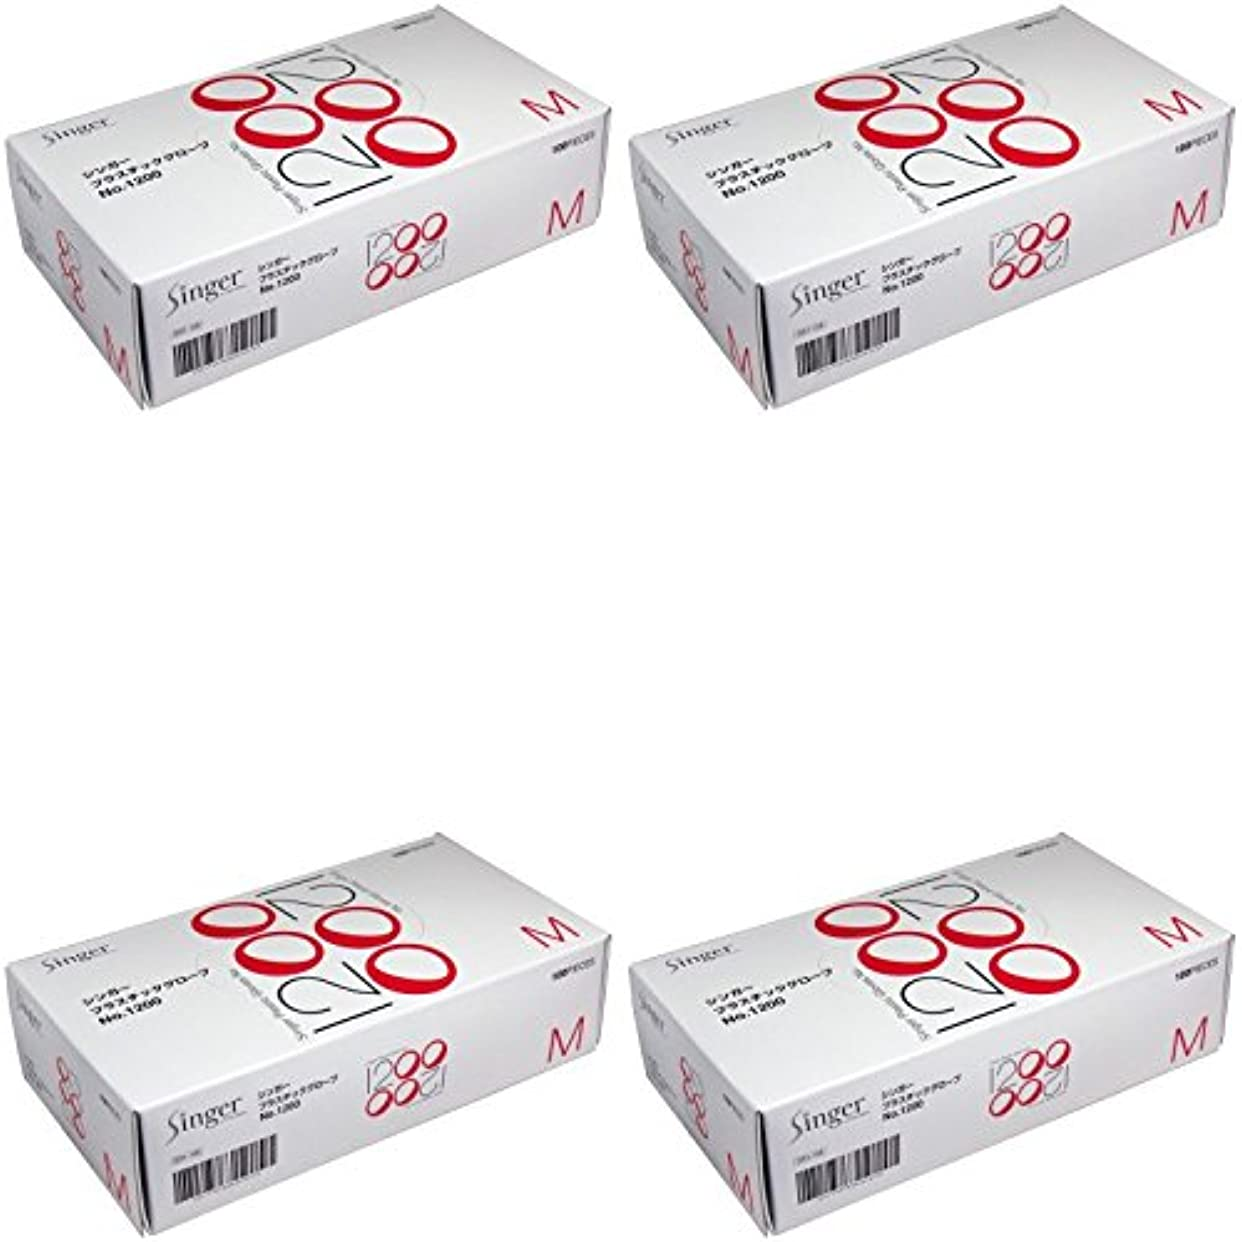 【まとめ買い】シンガー プラスチックグローブ №1200 Mサイズ 100枚入【×4個】